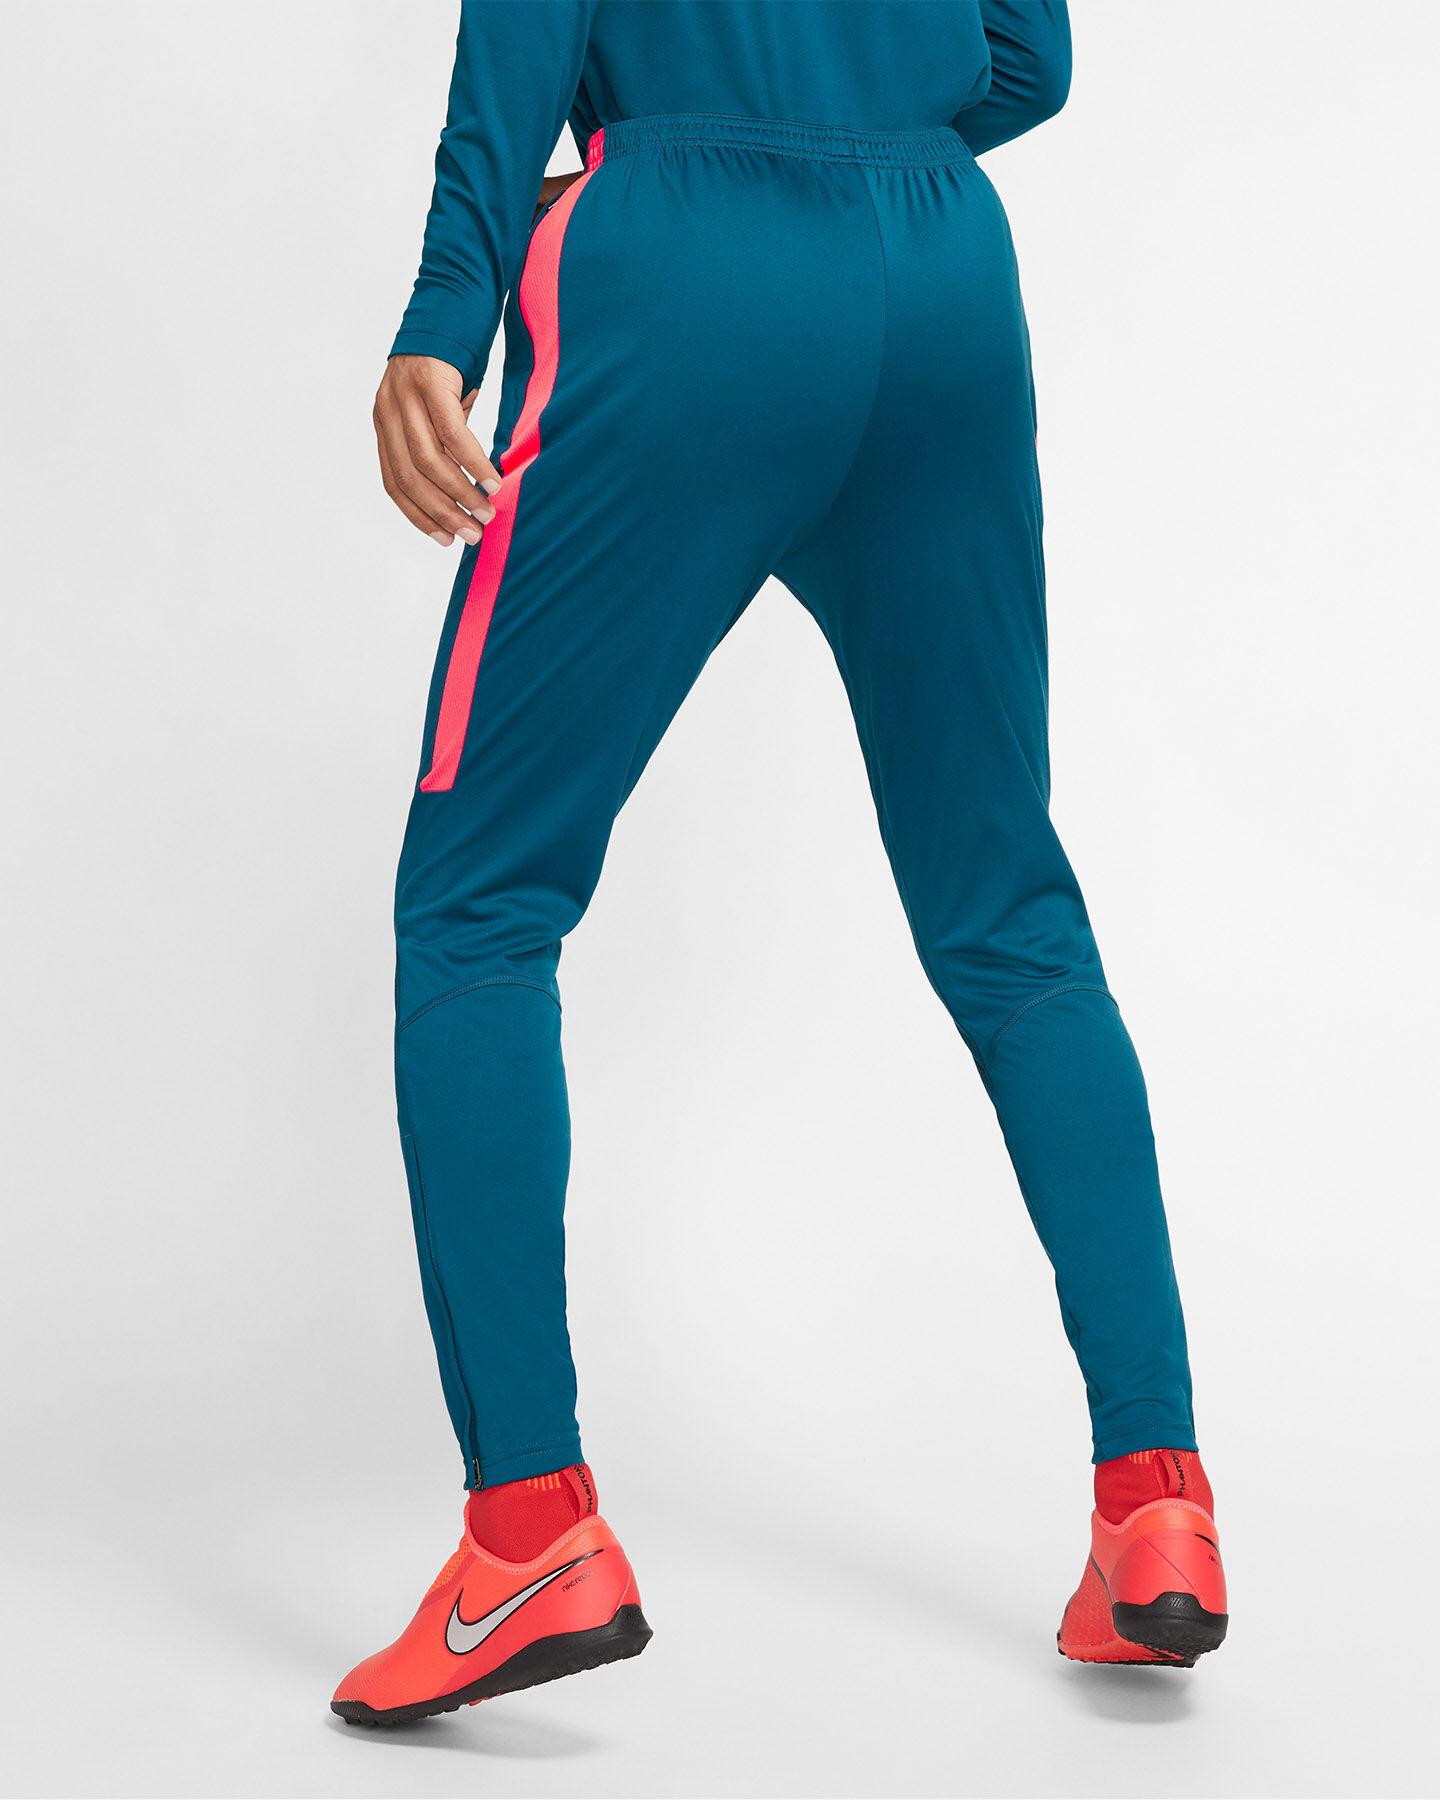 Pantaloncini calcio NIKE DRI-FIT ACADEMY M S5162557 scatto 3